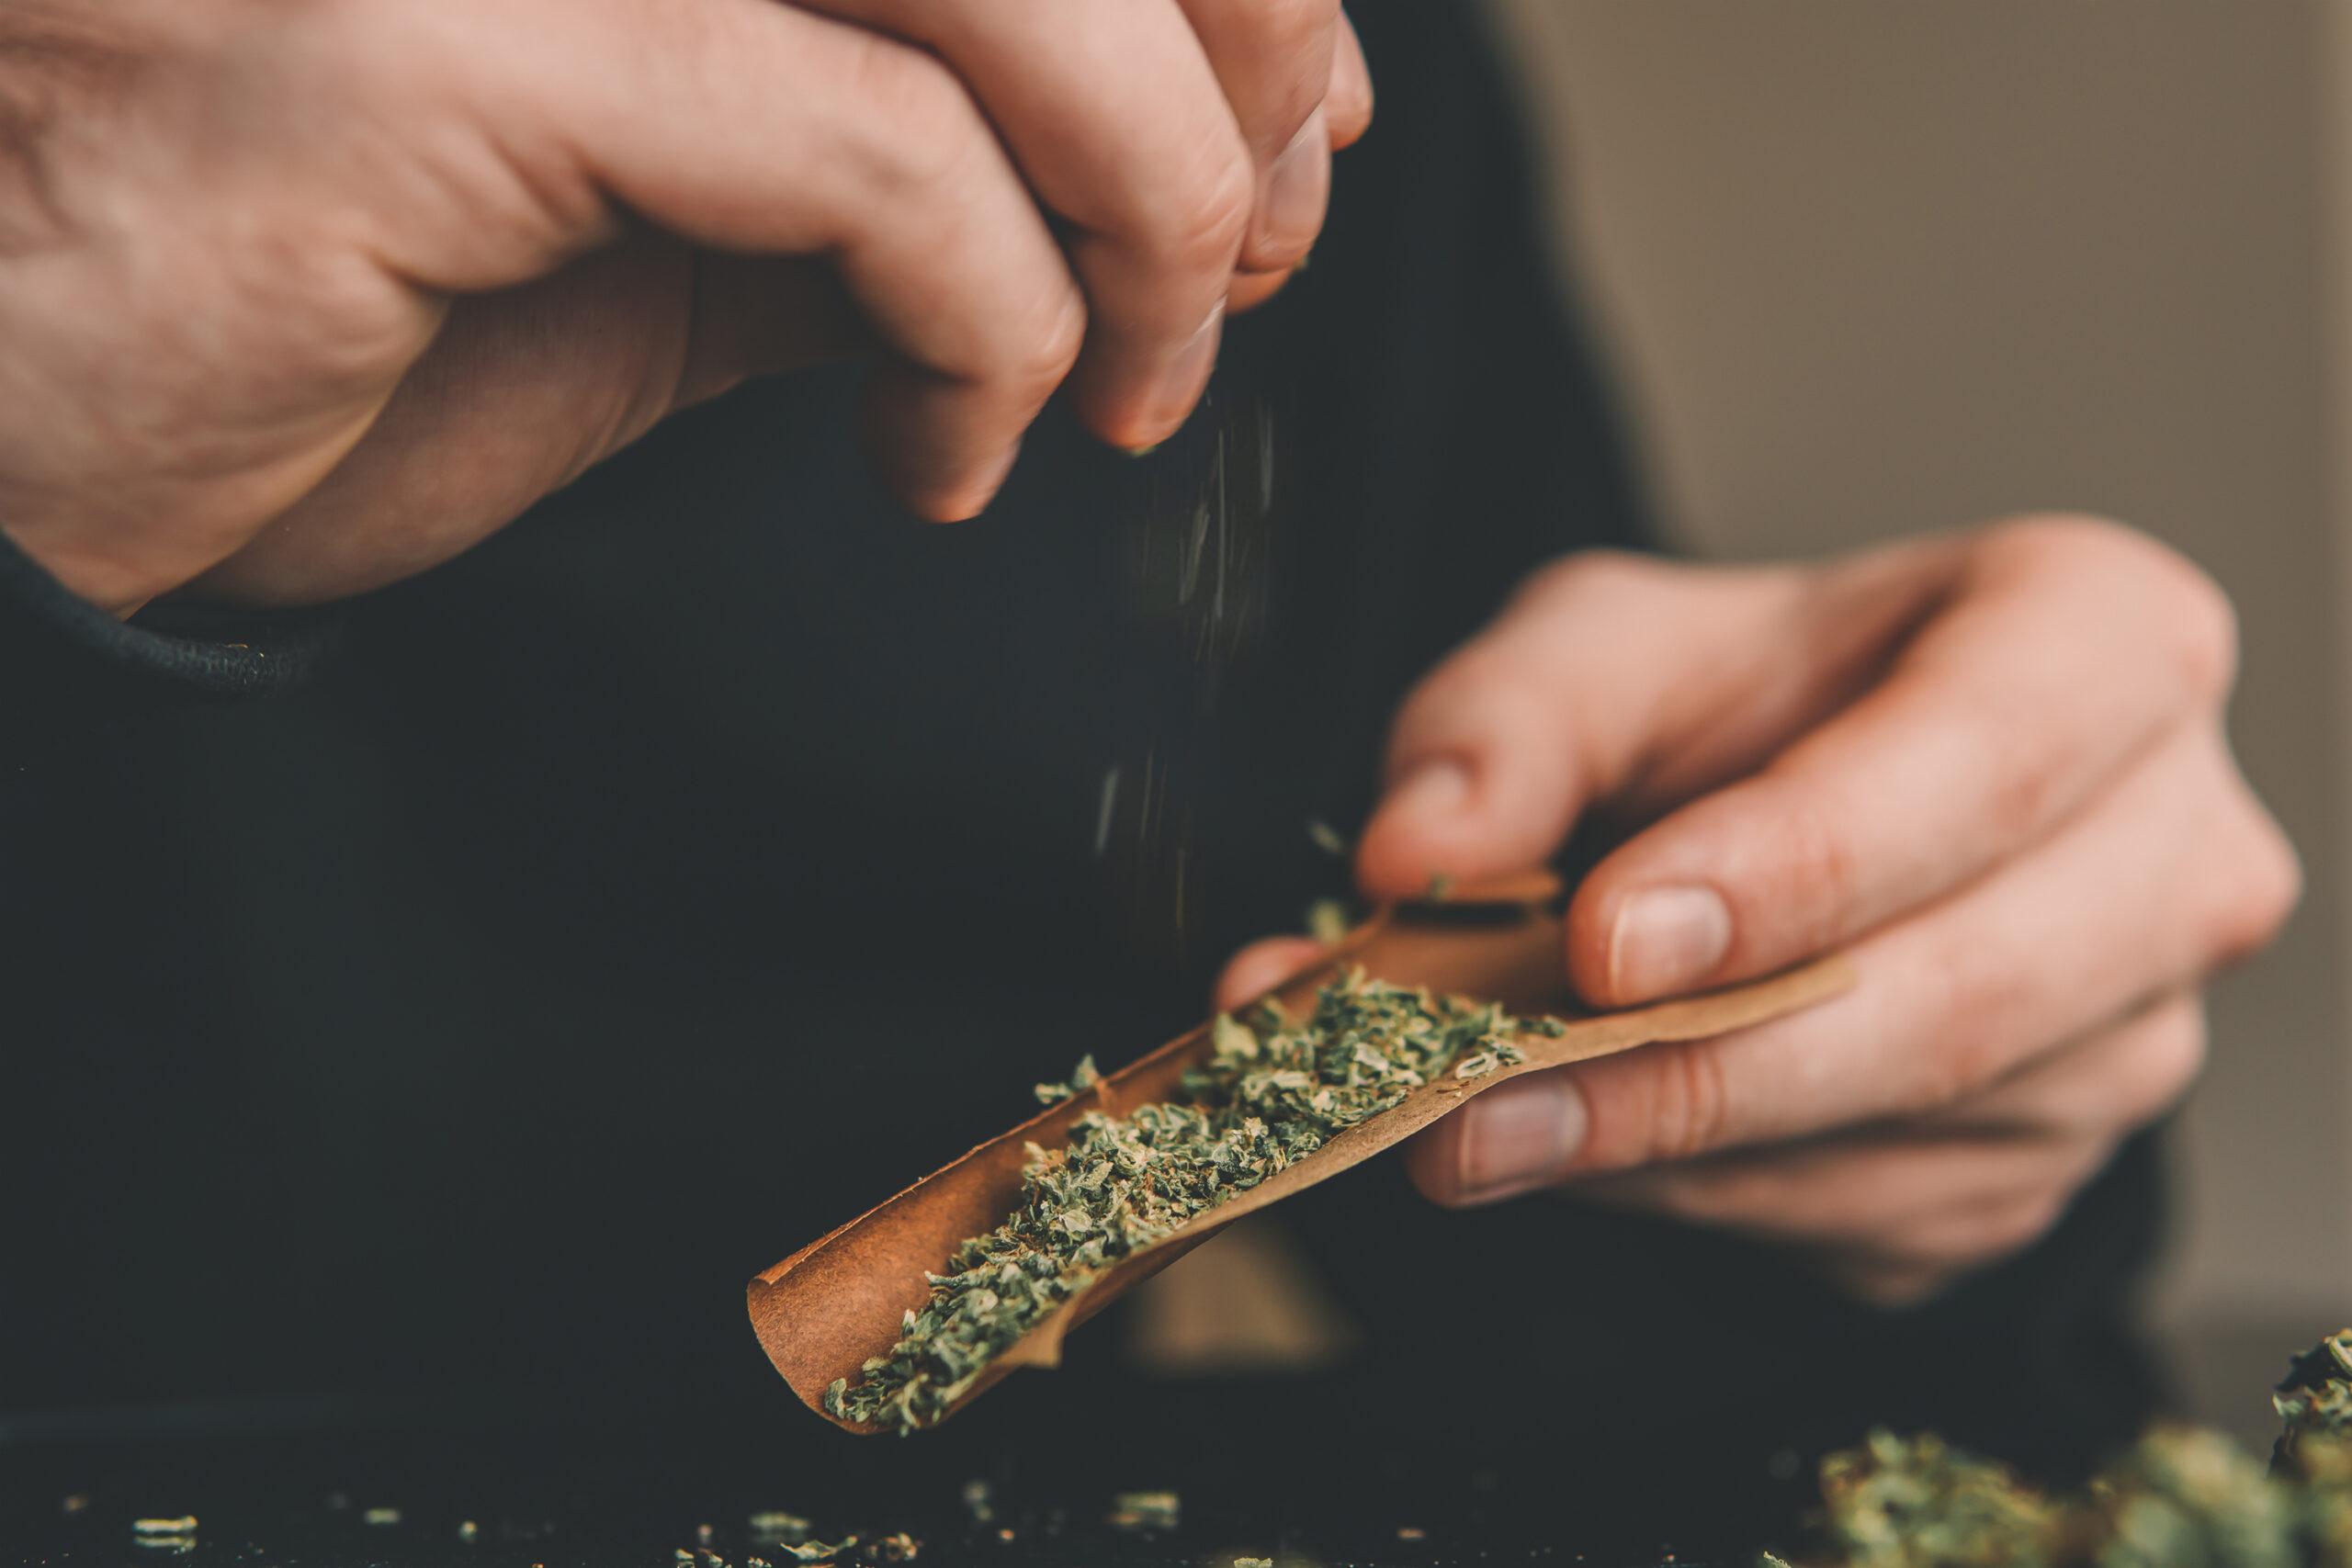 México publicó el reglamento para el uso medicinal de la marihuana